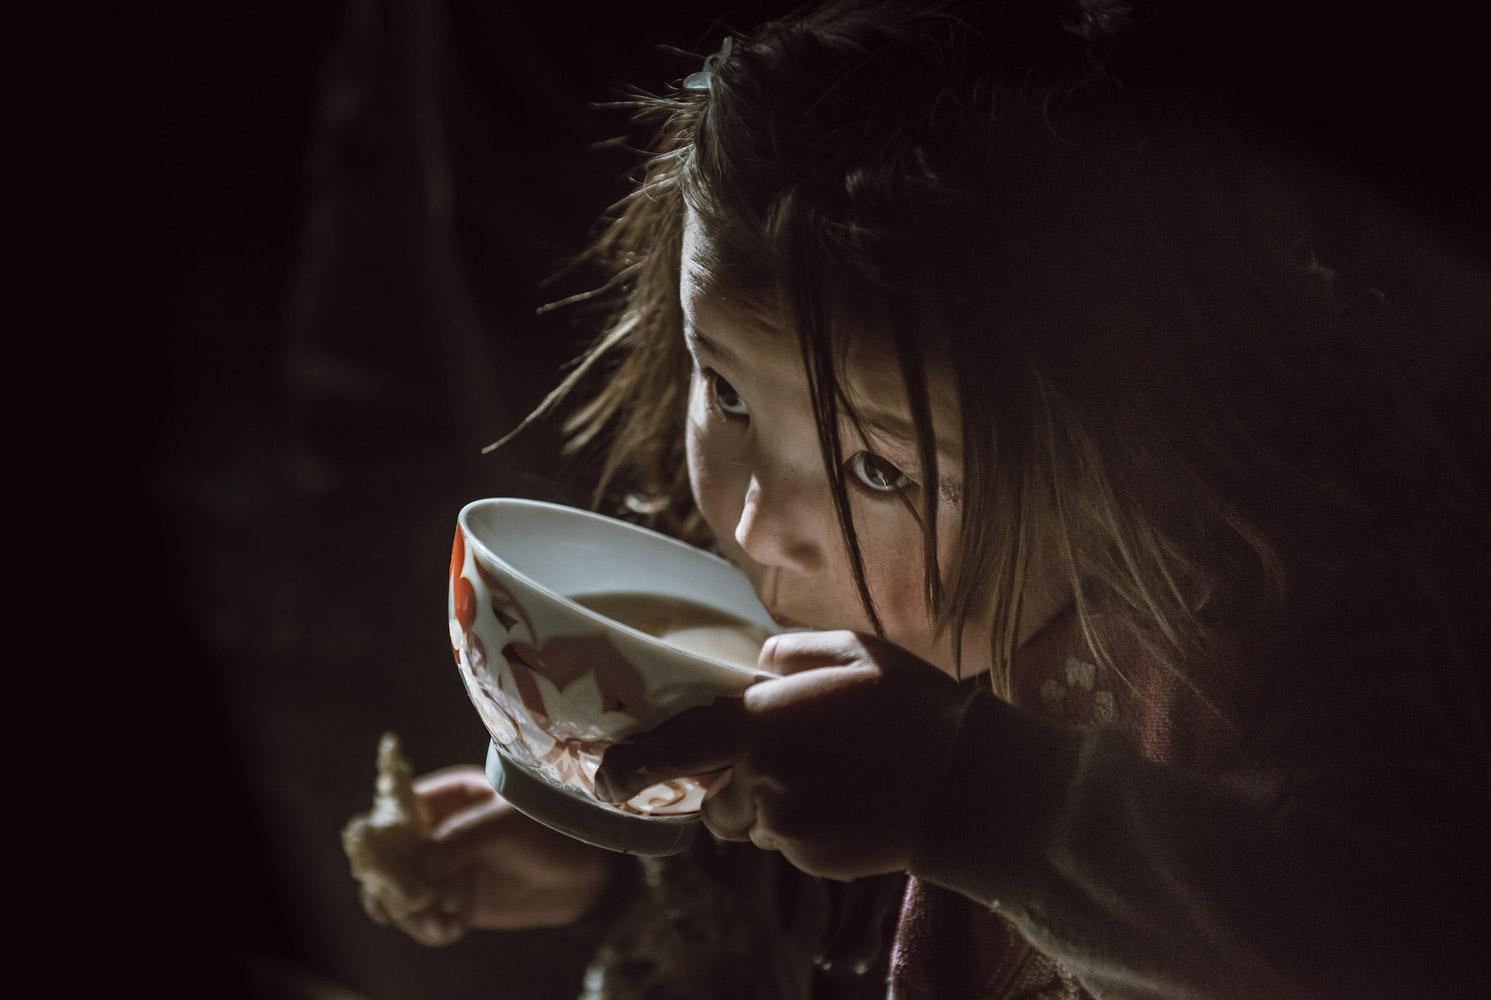 Казахская девушка пьет свой утренний чай, © Атул Прасад, Сан-Диего, США, Первое место в категории «Любитель: Младенцы / Дети», Конкурс портретной фотографии «Лица»